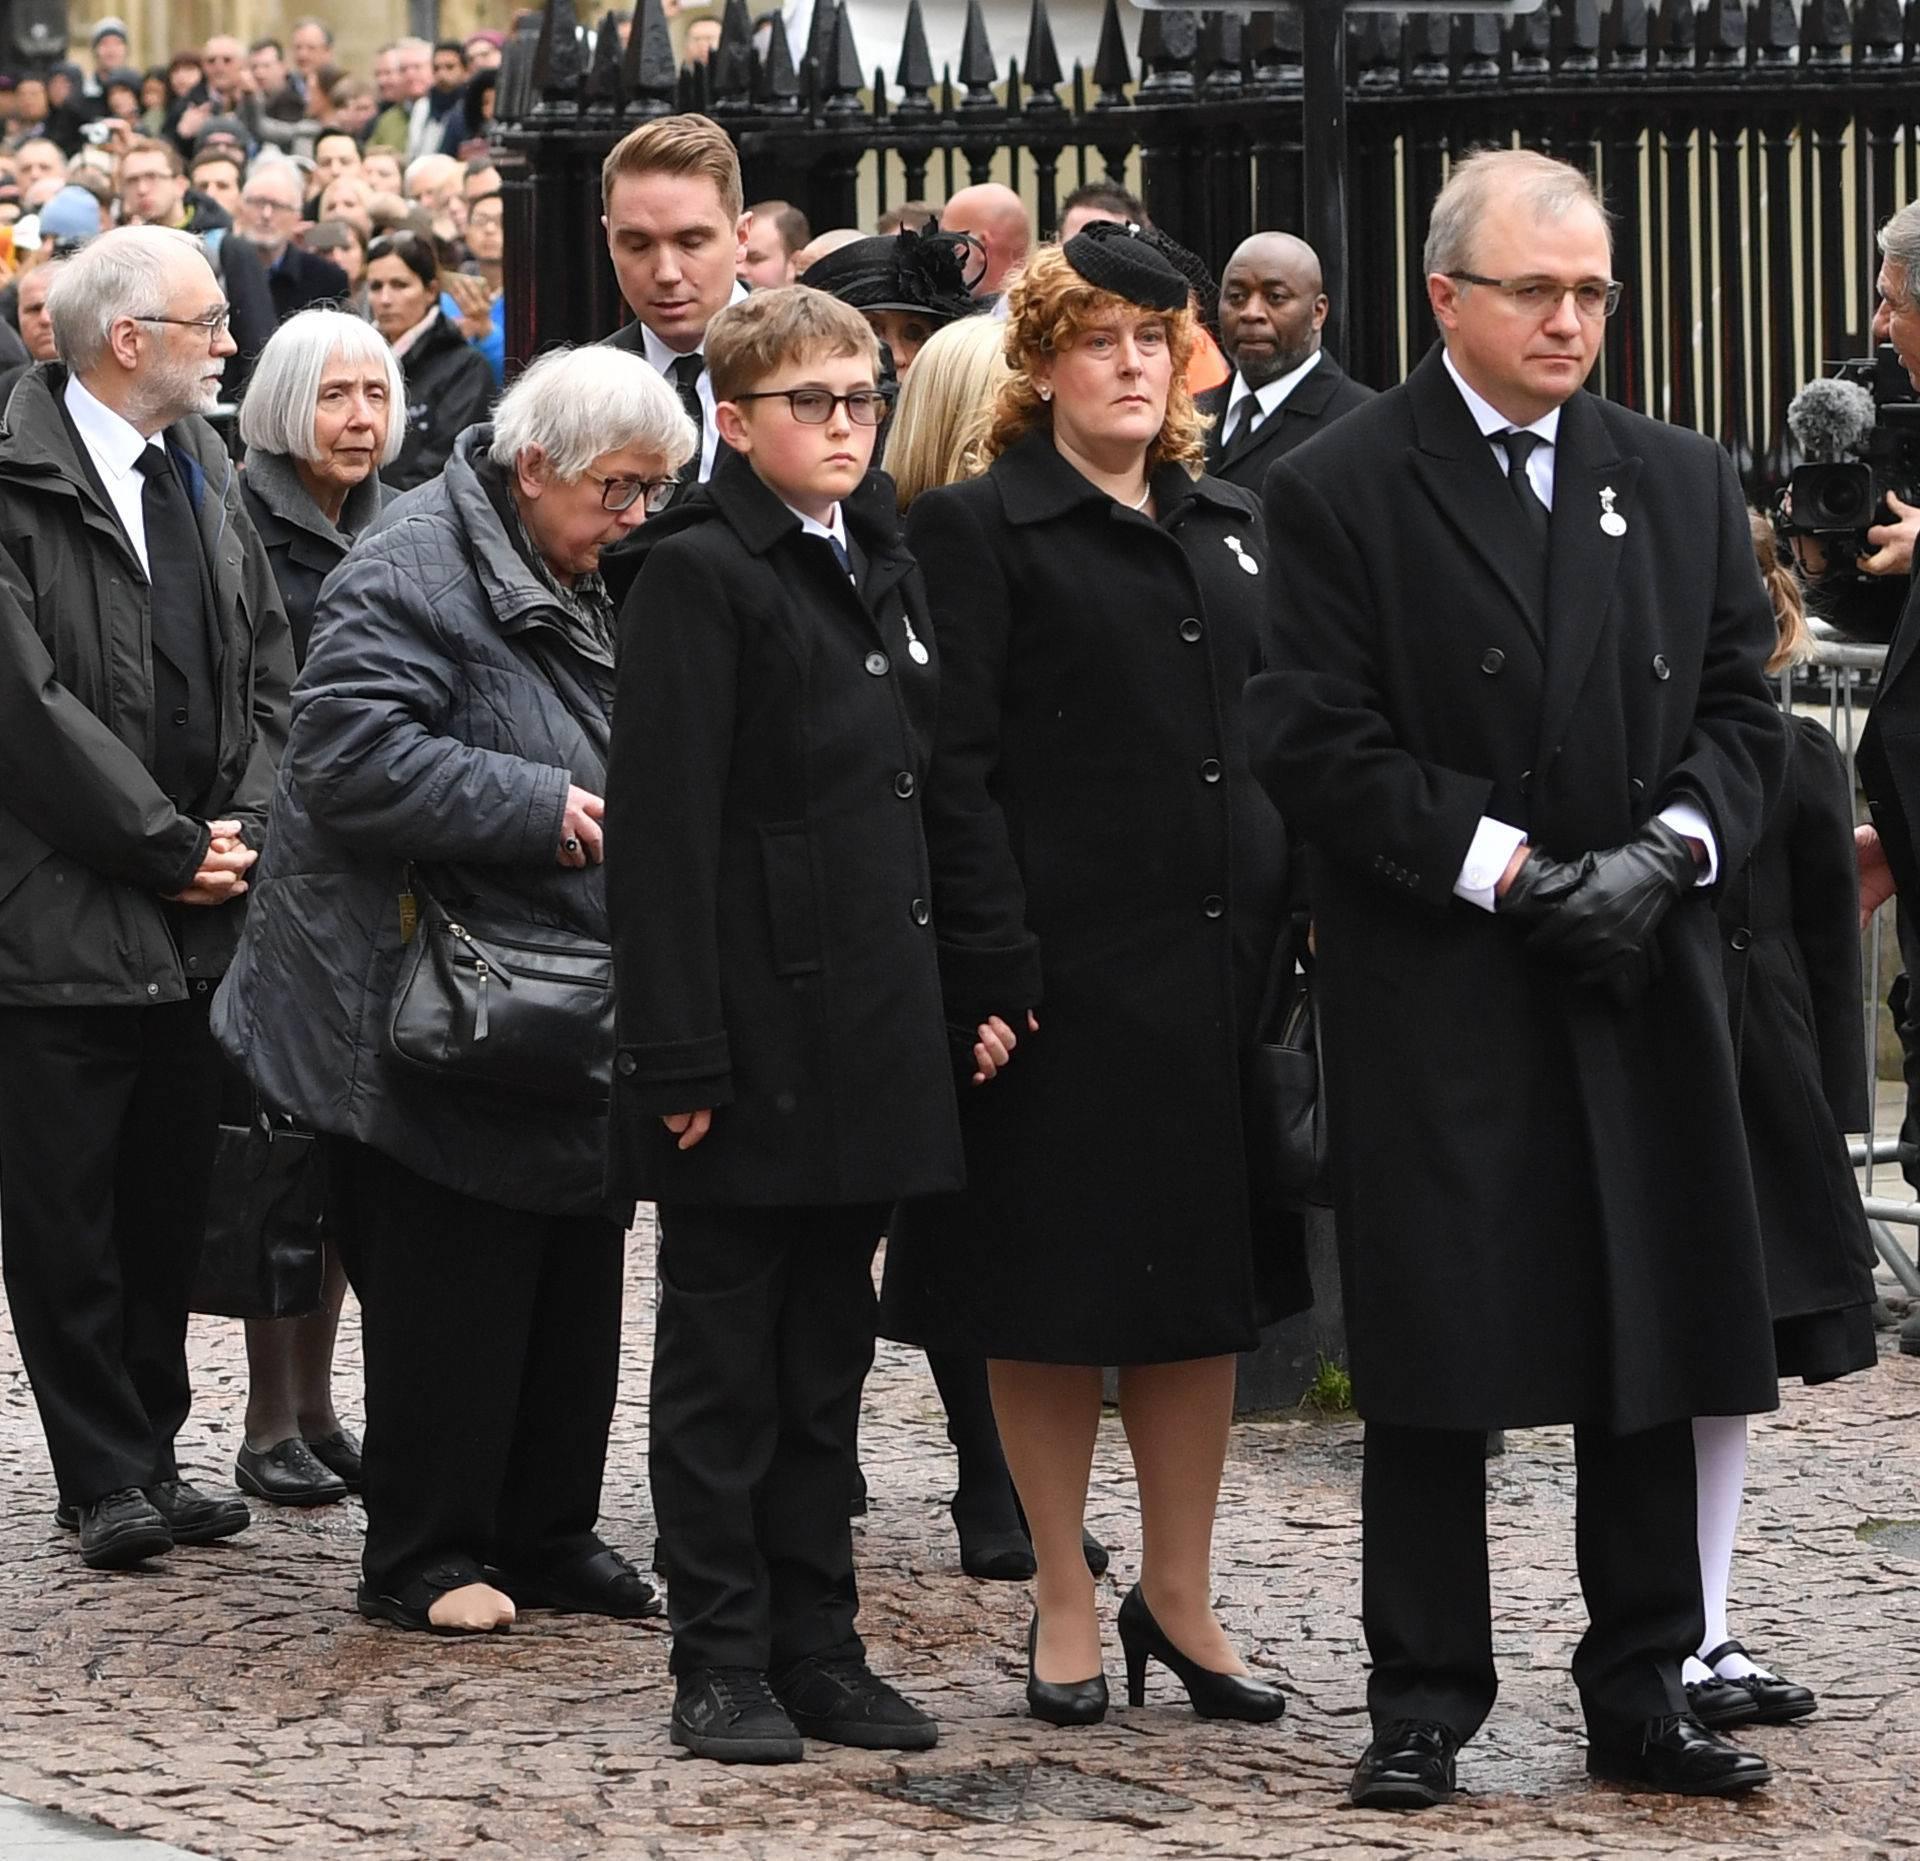 Stephen Hawking funeral